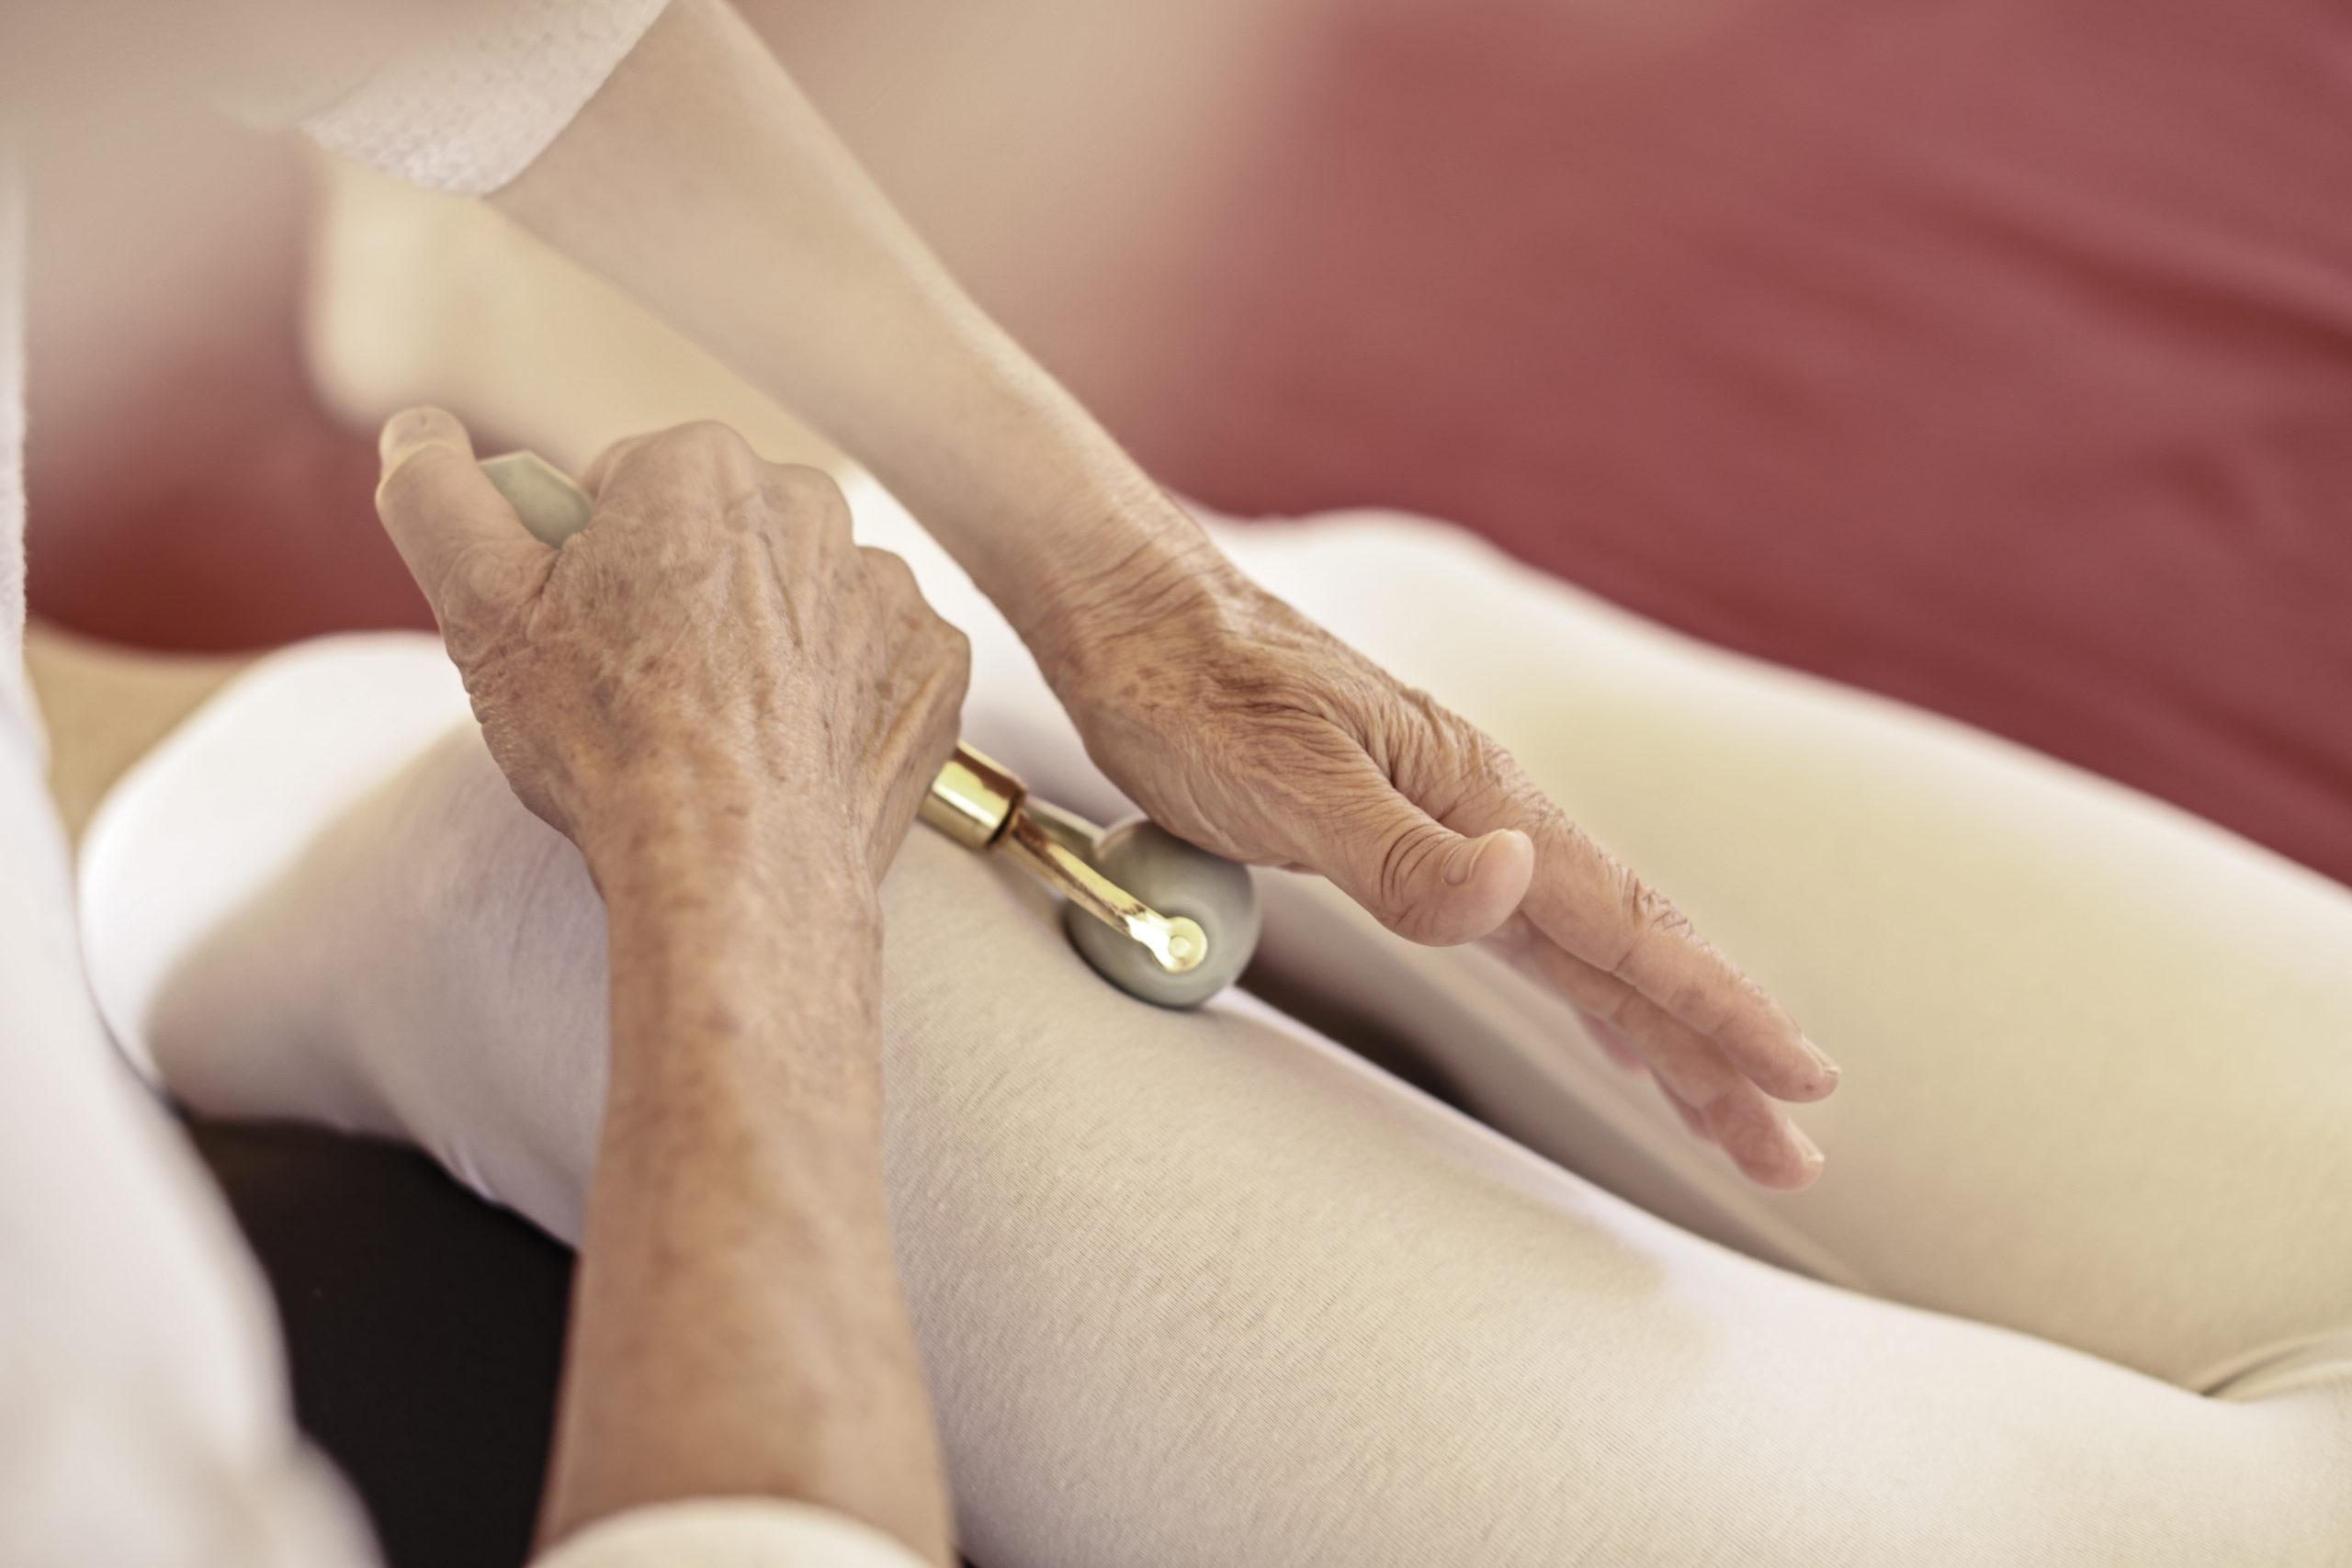 Gesundheitspraxis Oberfranken: Arbeit mit dem Faszienroller am Bein